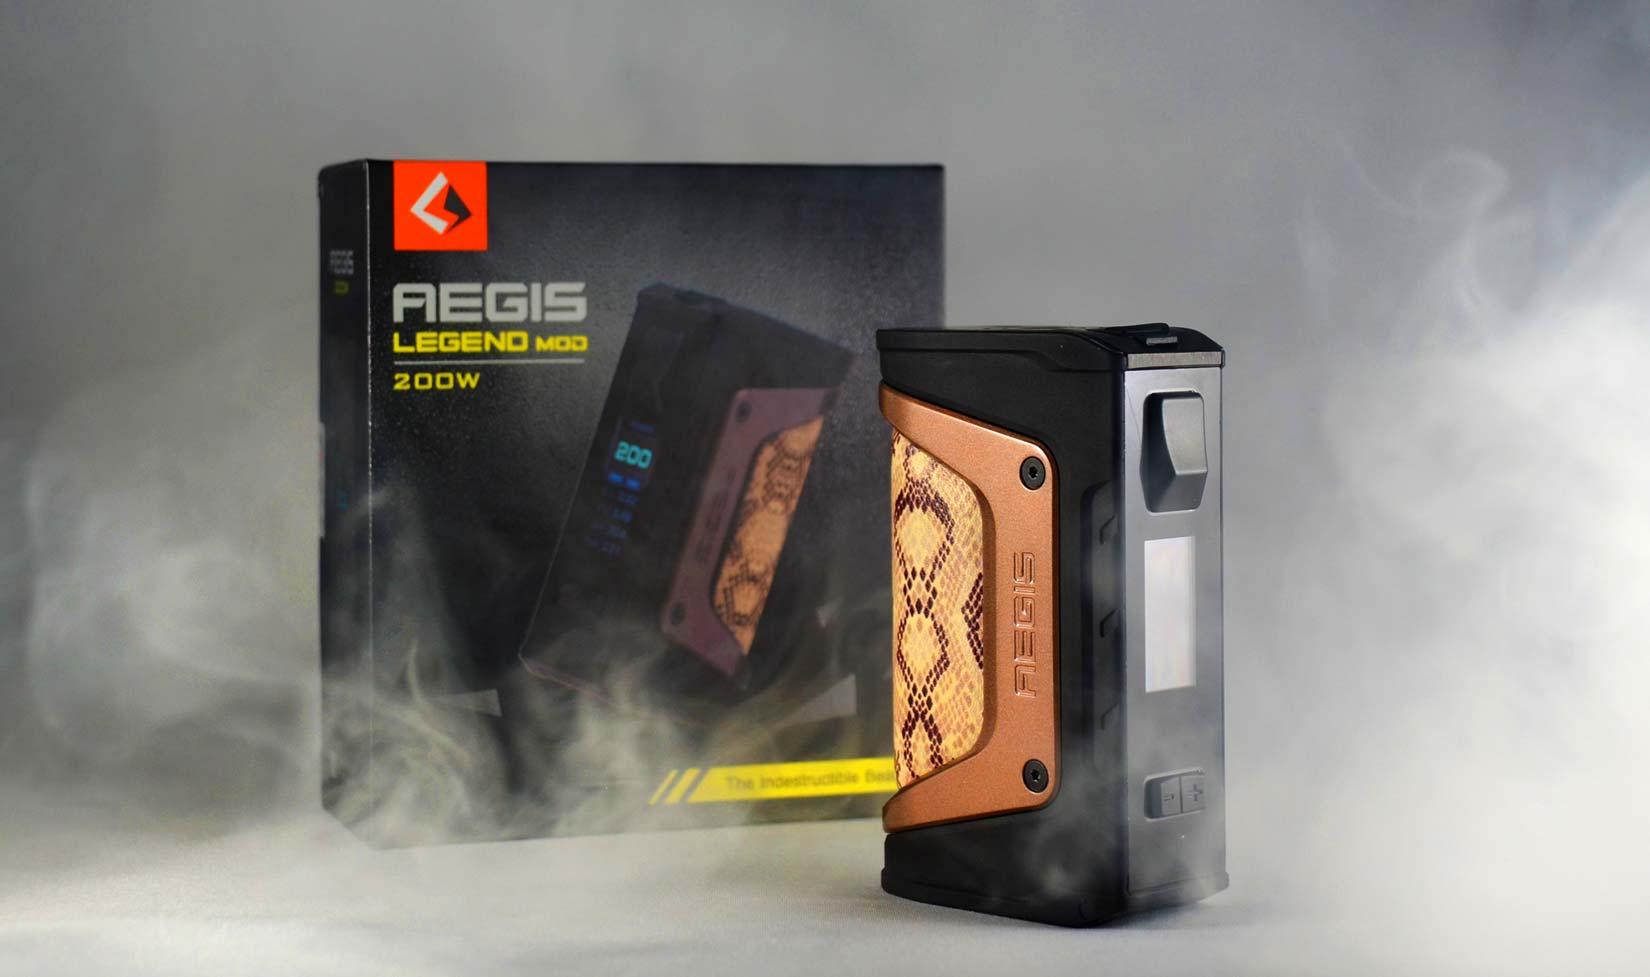 Aegis Geekvape Specs Mod Legend 200w Box Authentic